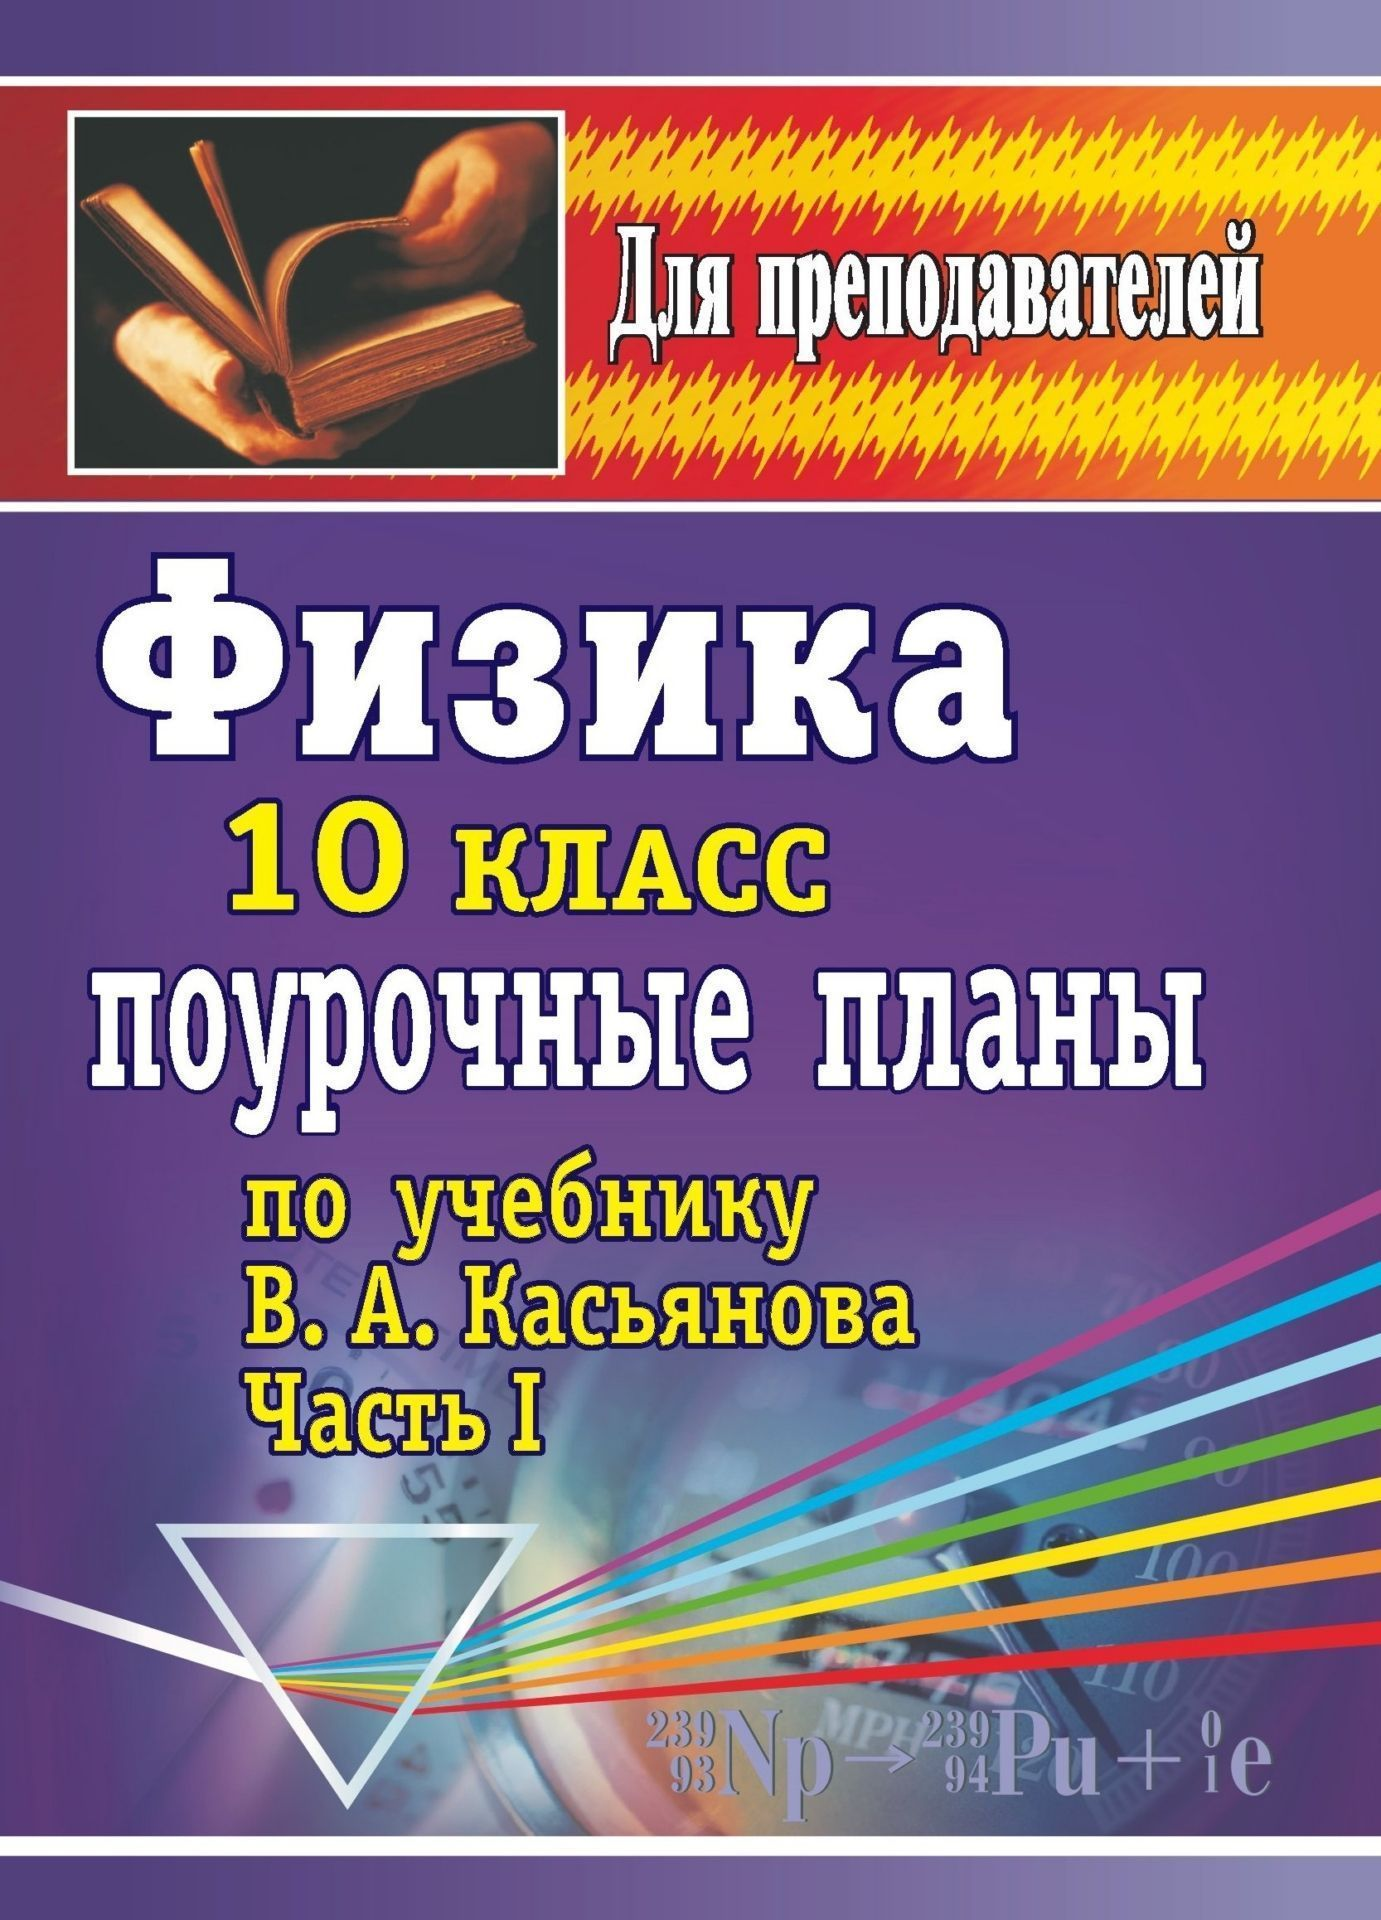 Физика. 10 класс: поурочные планы по учебнику В. А. Касьянова (профильный уровень). Часть IПредметы<br>В пособии представлены рабочая программа, тематическое планирование, поурочные разработки по физике для 10 класса (профильный уровень), составленные по учебнику В. А. Касьянова (М.: Дрофа, 2006). Цель предлагаемого материала - оказать методическую помощь ...<br><br>Авторы: Оськина В. Т.<br>Год: 2008<br>Серия: Для преподавателей<br>ISBN: 978-5-7057-1447-6<br>Высота: 195<br>Ширина: 140<br>Толщина: 8